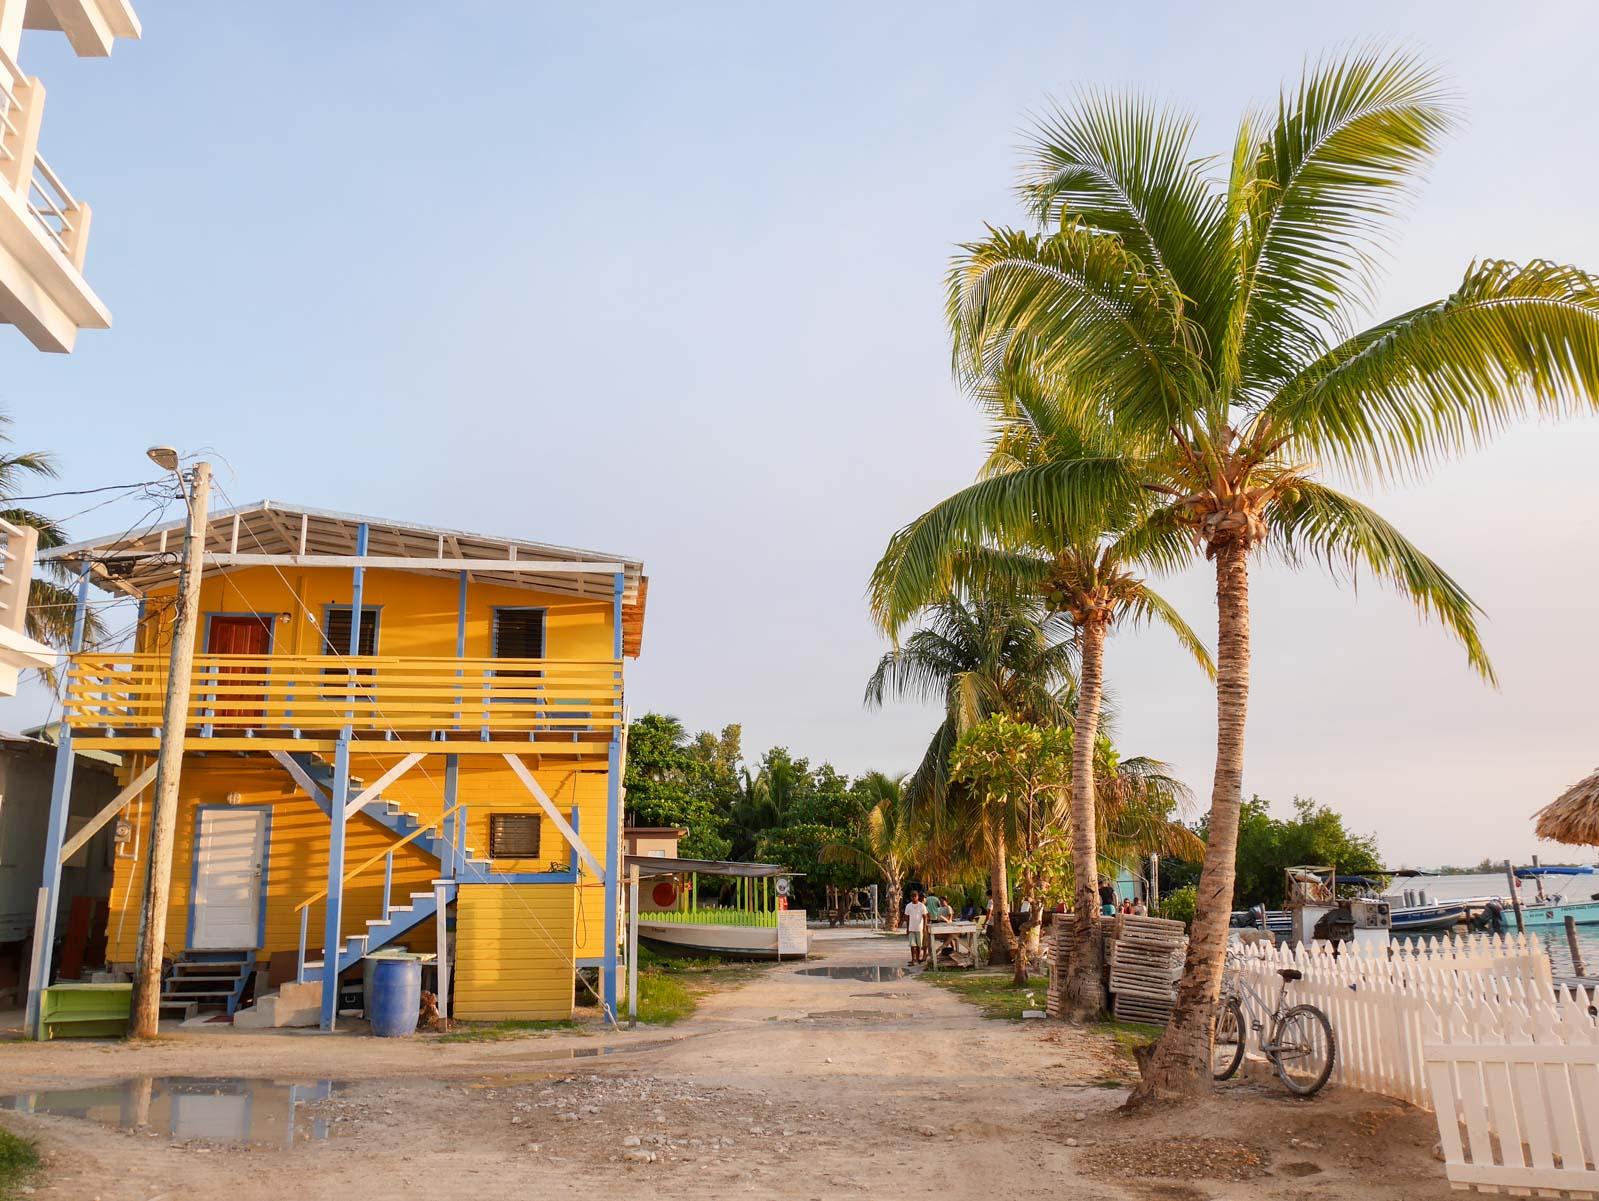 Bienvenue à Caye Caulker, l'île routarde du Belize